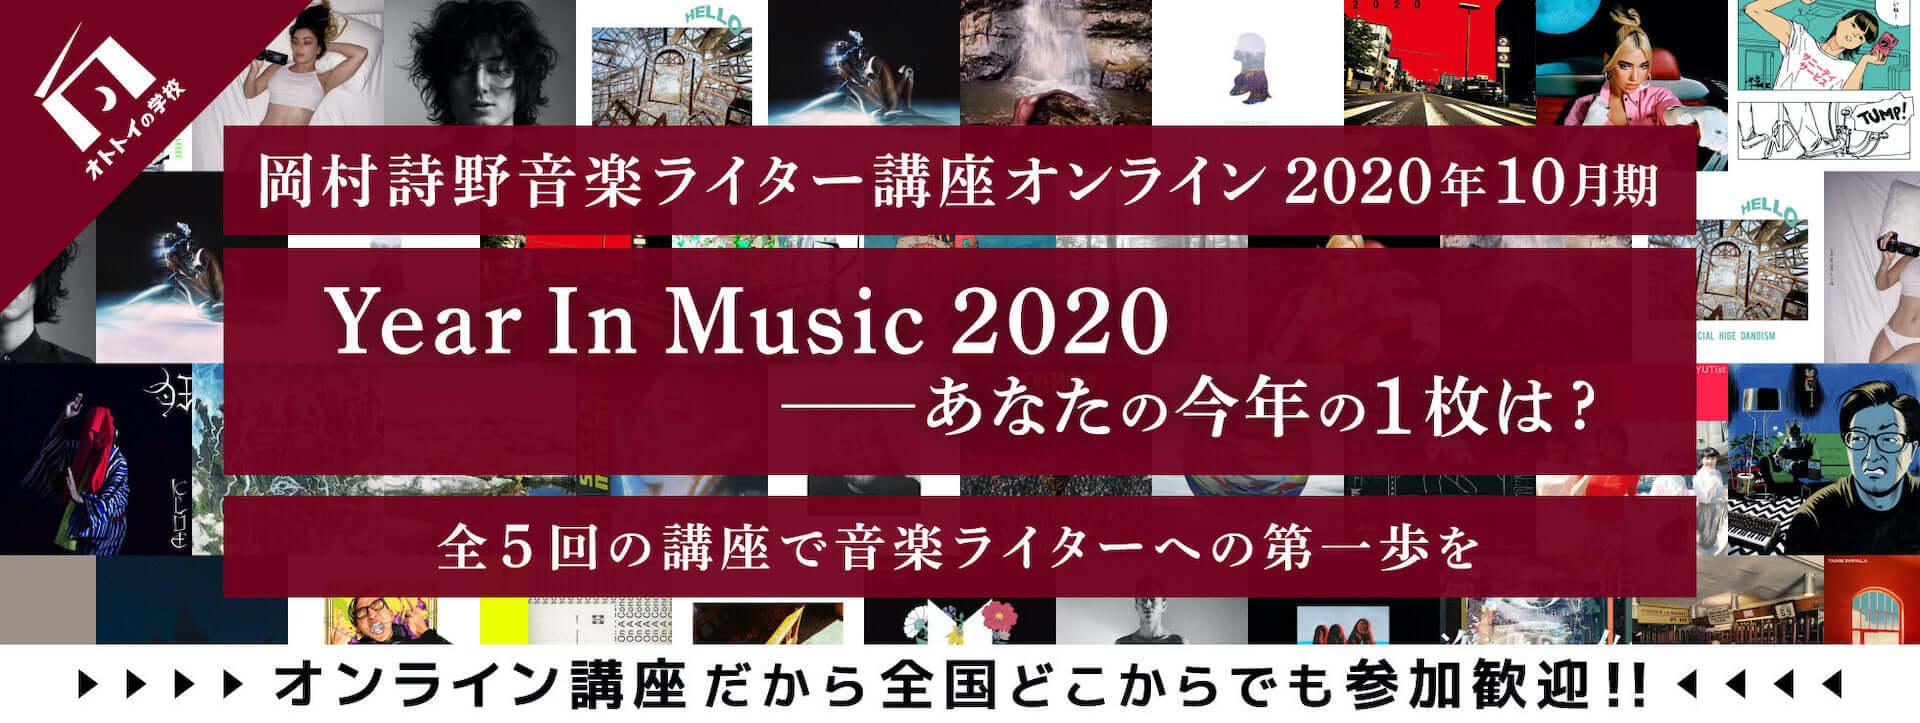 岡村詩野の<音楽ライター講座>10月期最終回に柴崎祐二が登壇決定!2020年の音楽シーンをトークで振り返る art201125_shino_okamura_2-1920x723